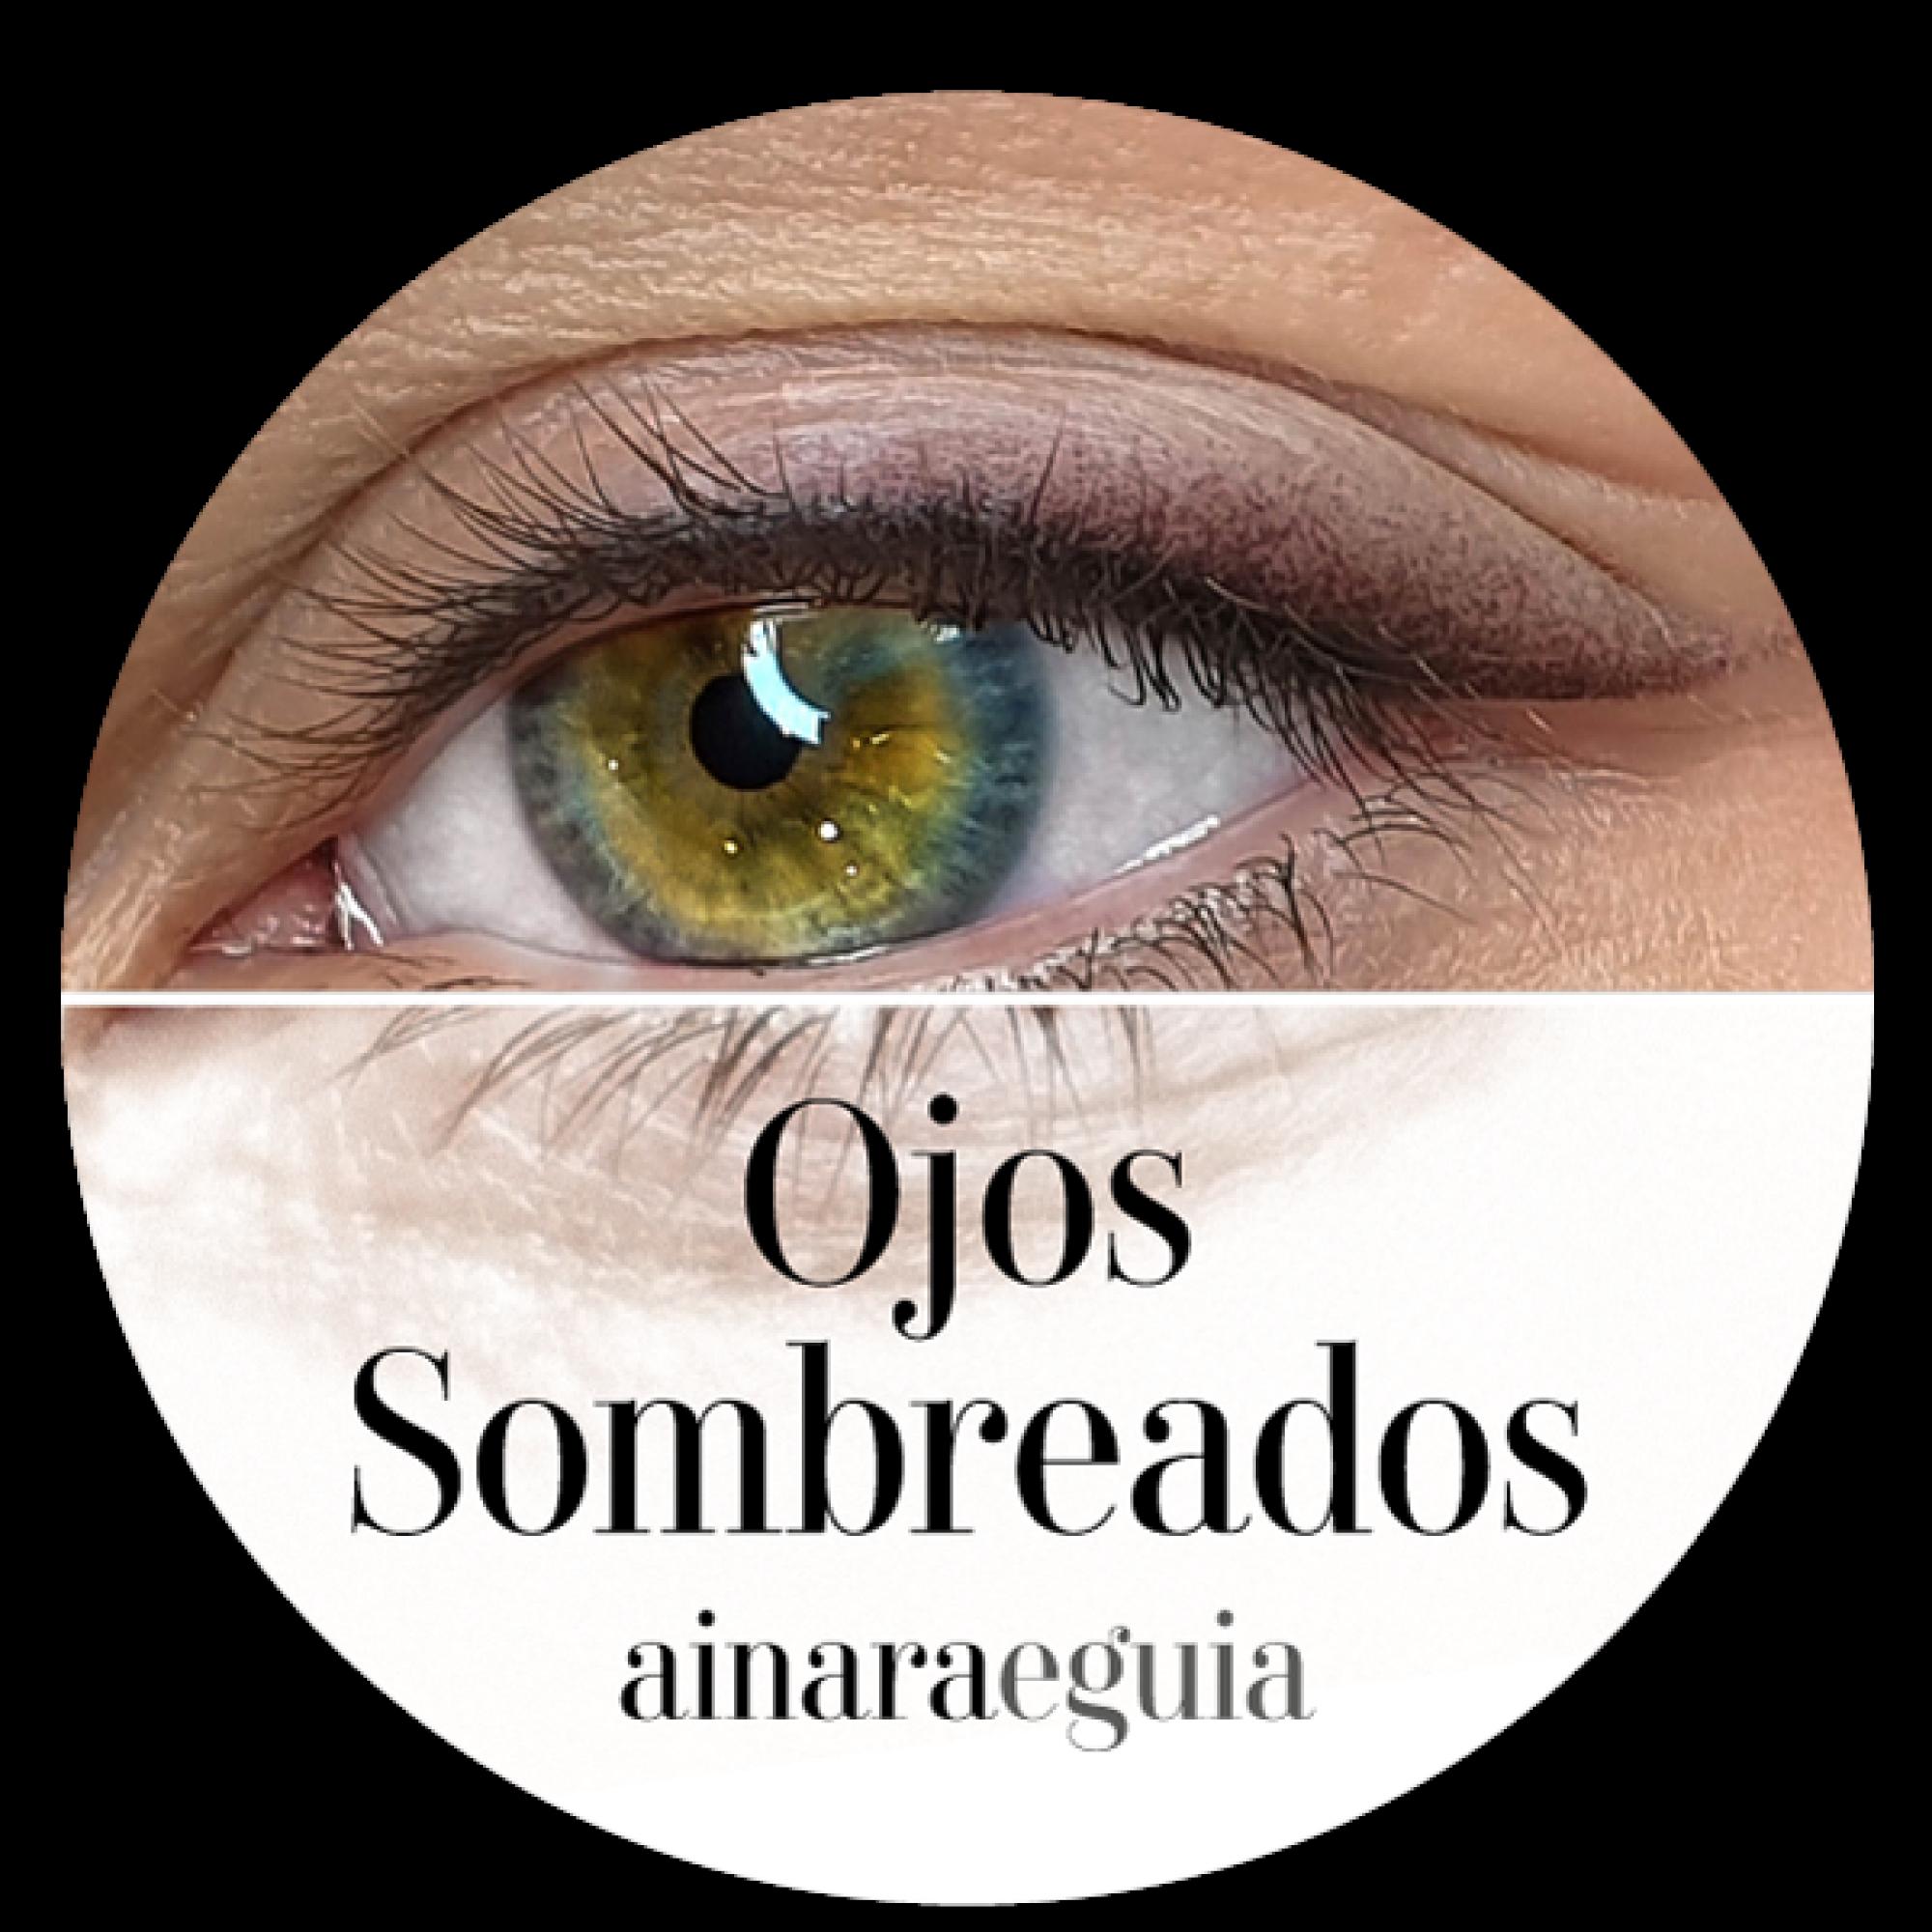 tecnica sombreado micropigmentacion ainara eguia microblading softap cejas ojos labios capilar areolas cicatrices bilbao vitoria